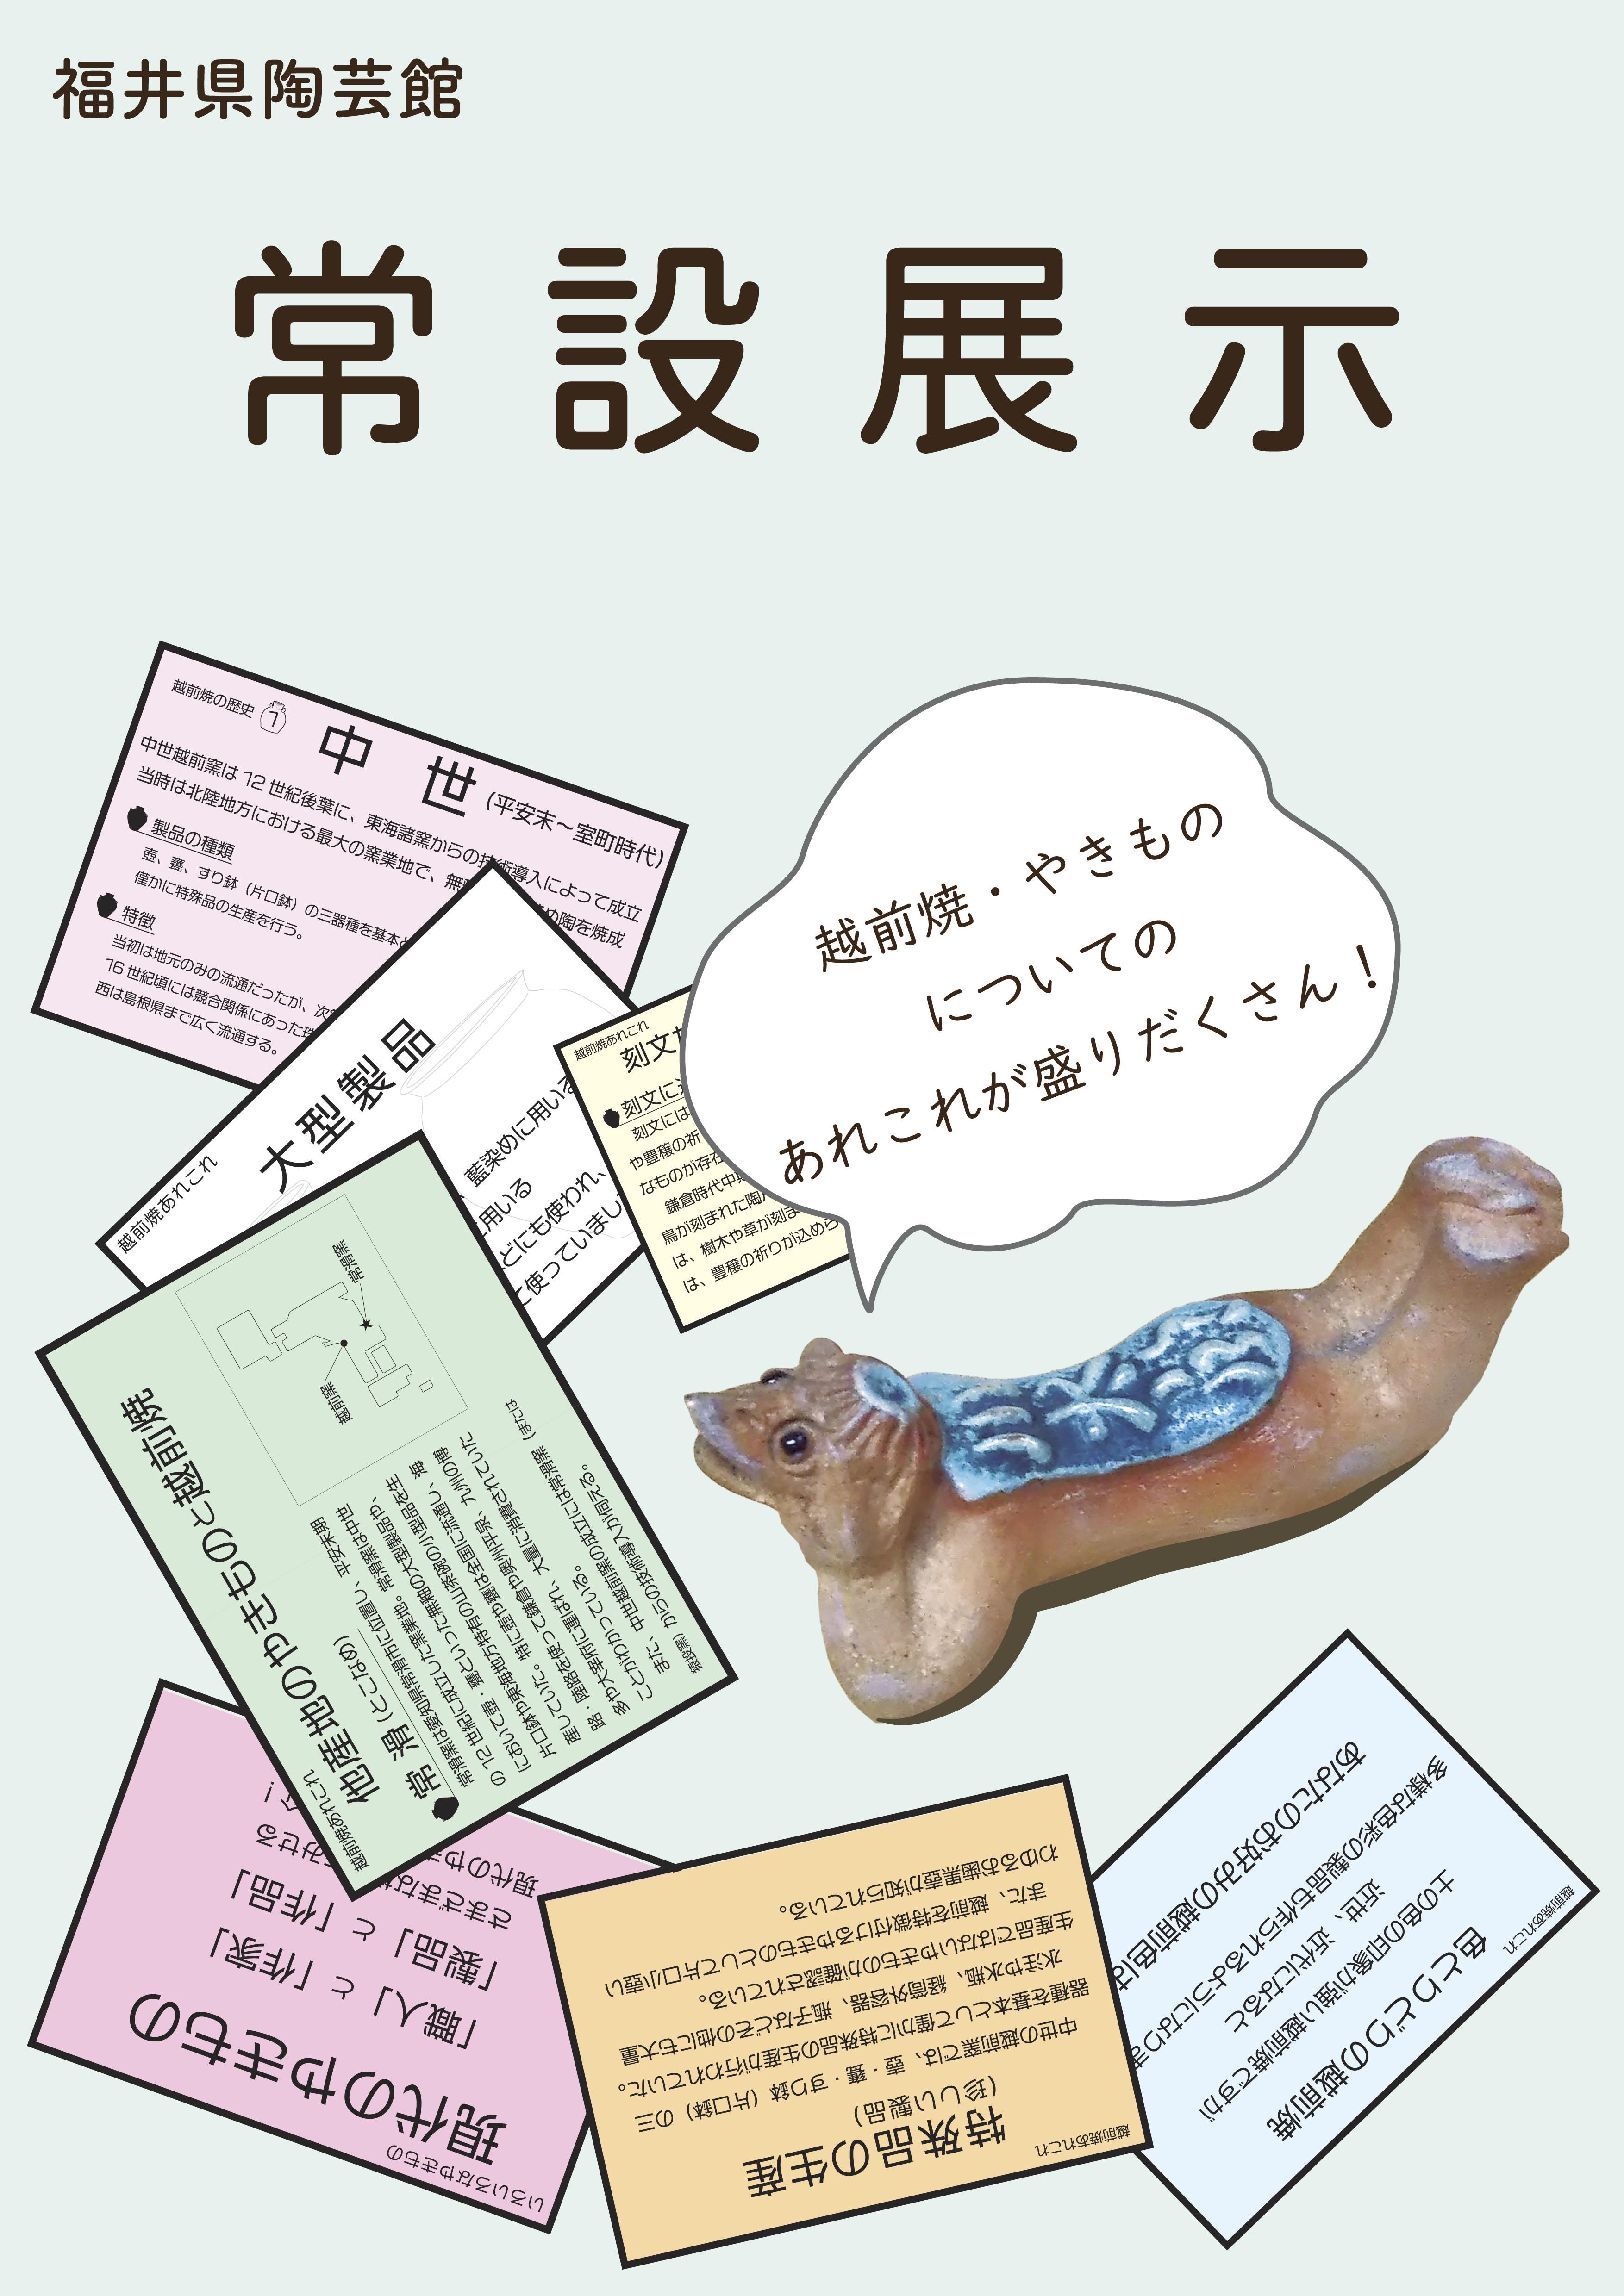 福井県陶芸館 常設展